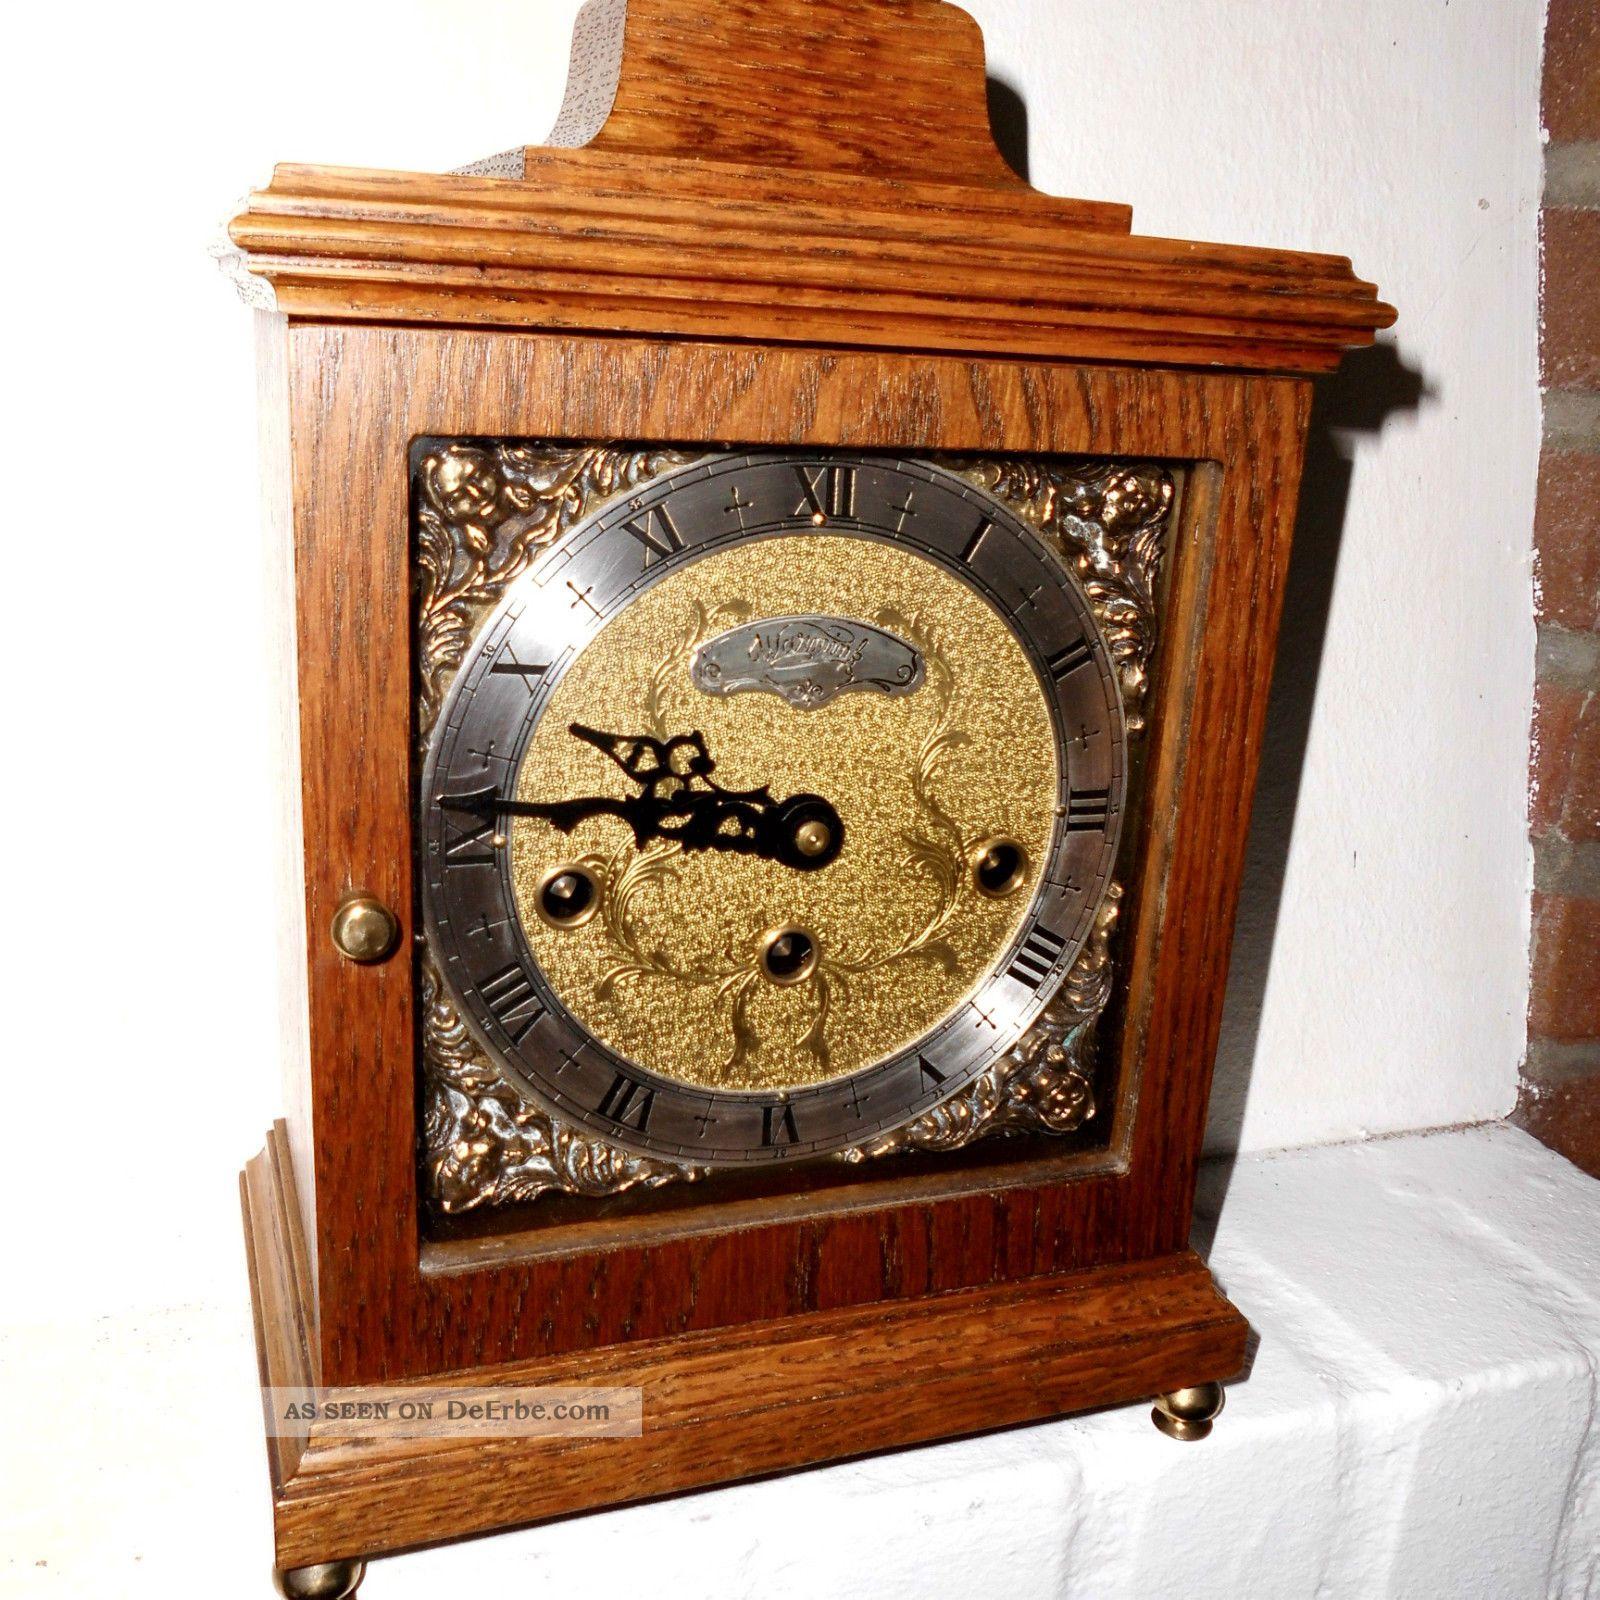 Bracket Clock Kaminuhr Tischuhr Stockuhr Westminster 4/4 Stutzuhr Warmink Wuba Gefertigt nach 1950 Bild